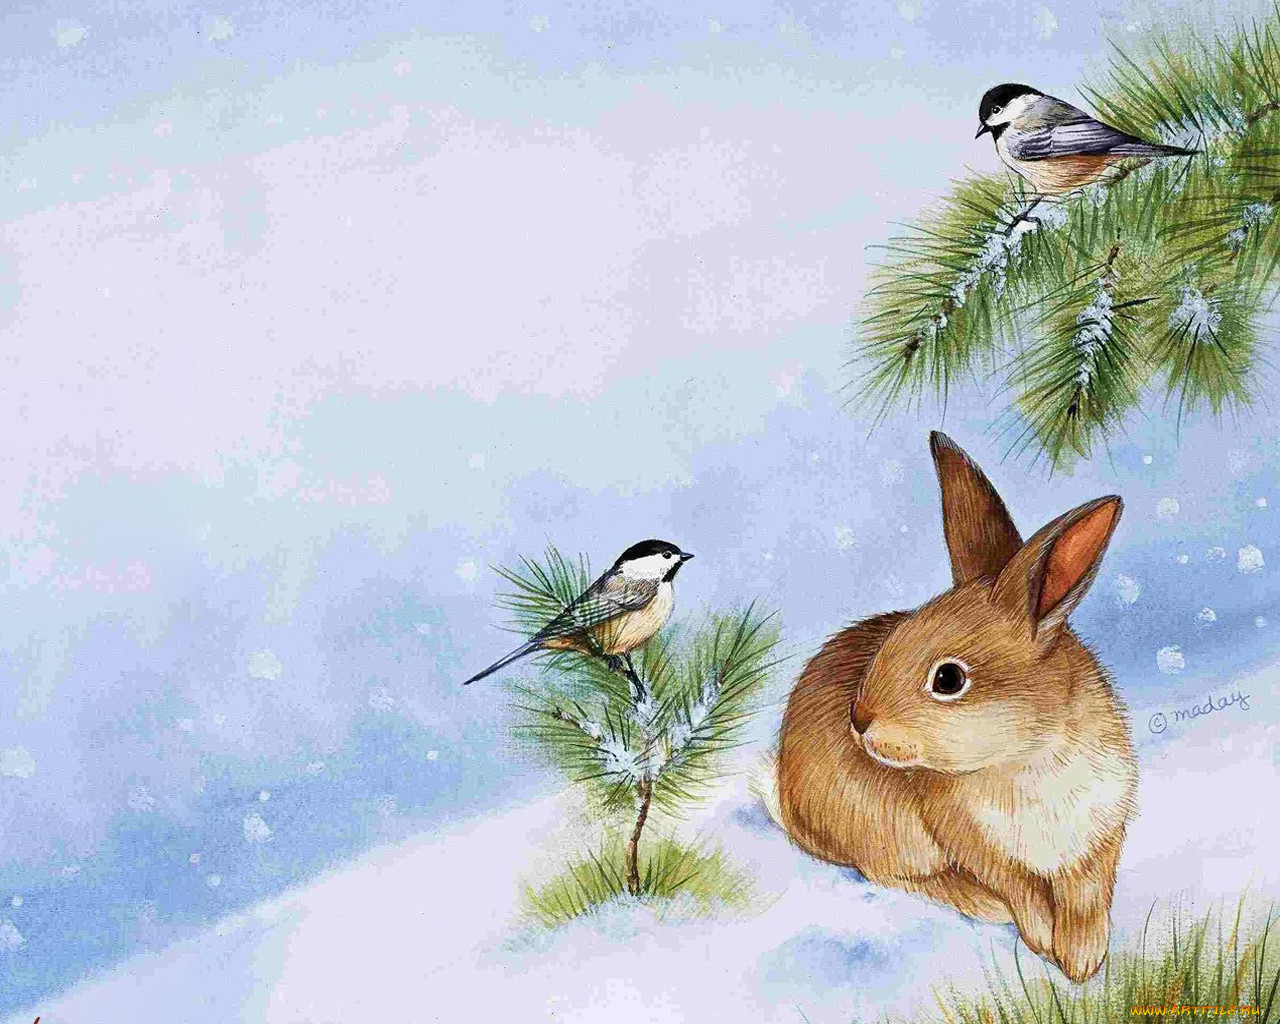 животные зимой картинки рисунки выше